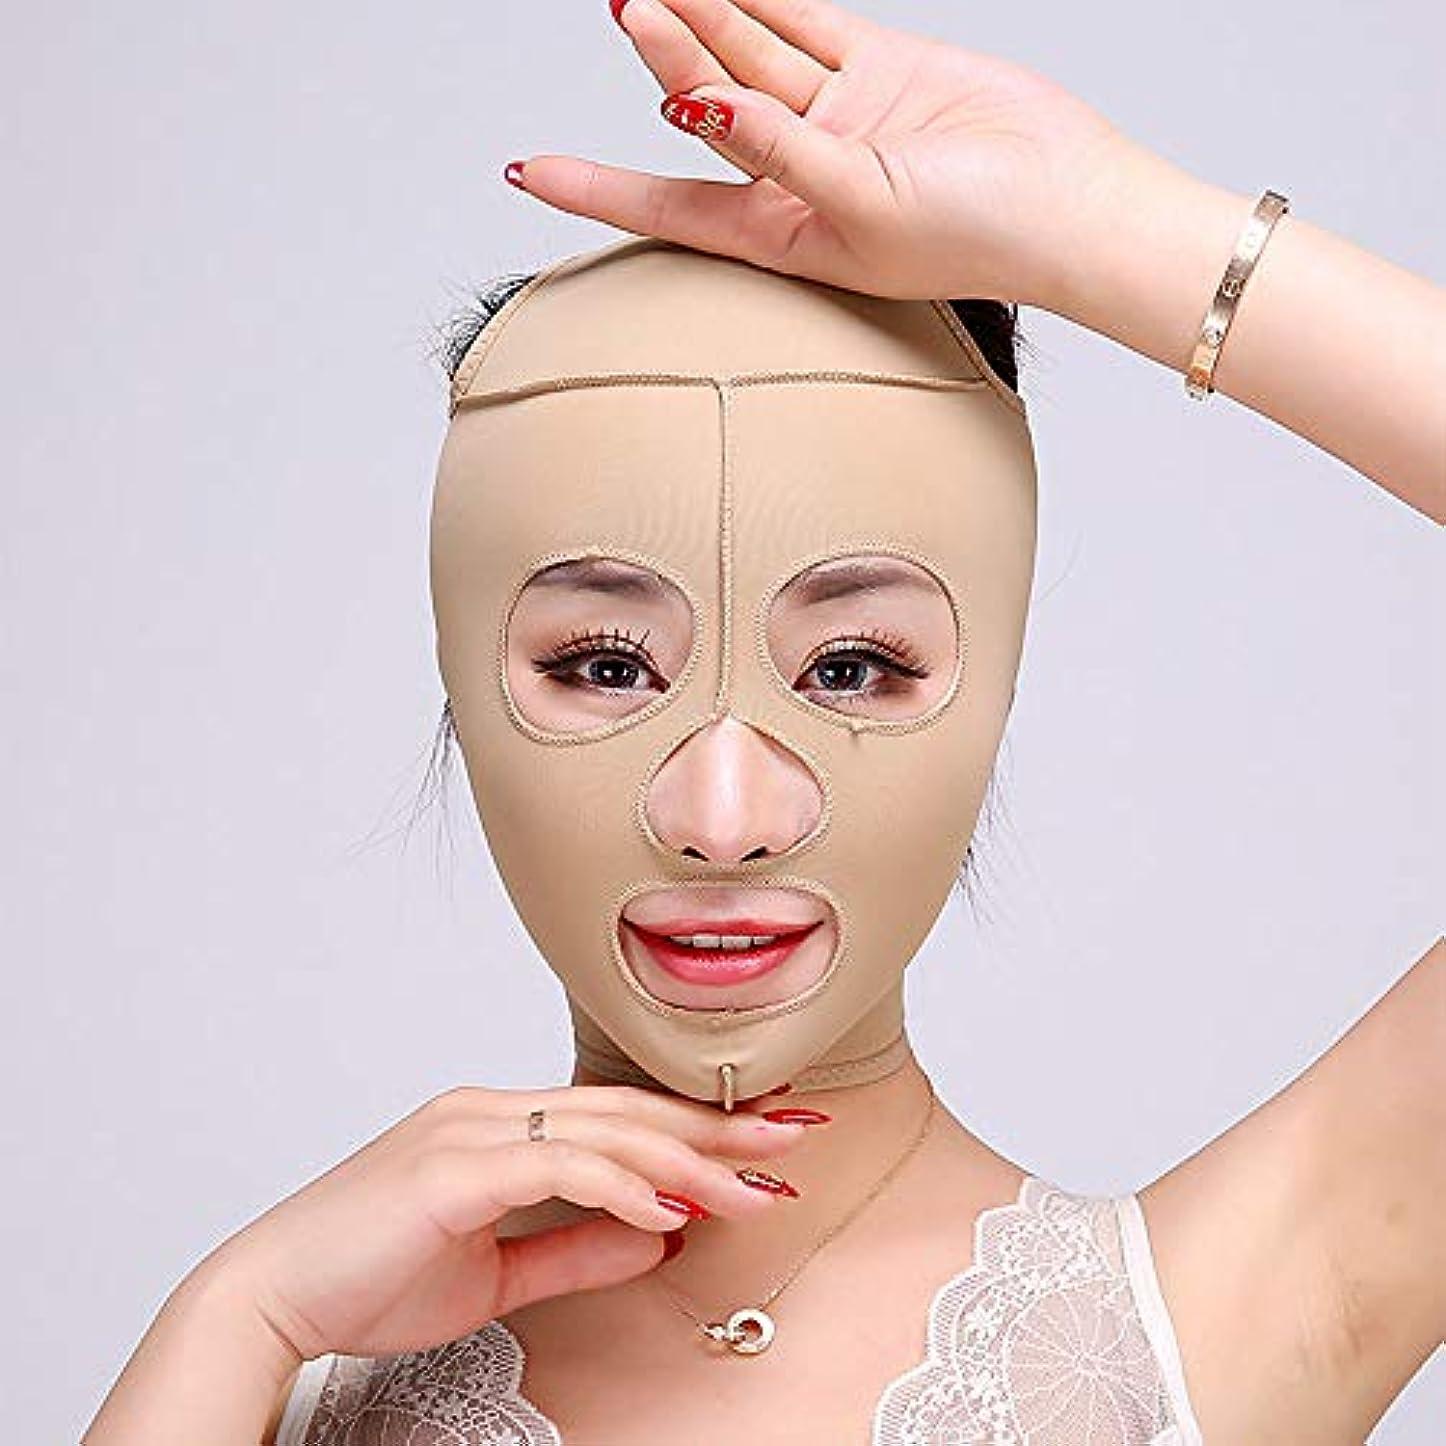 縞模様の対立自発的肌に優しい睡眠薄いフェイス包帯、小さなVフェイス包帯/フェイスマスク/リフティングフェイス引き締め改装二重あご(カラー)